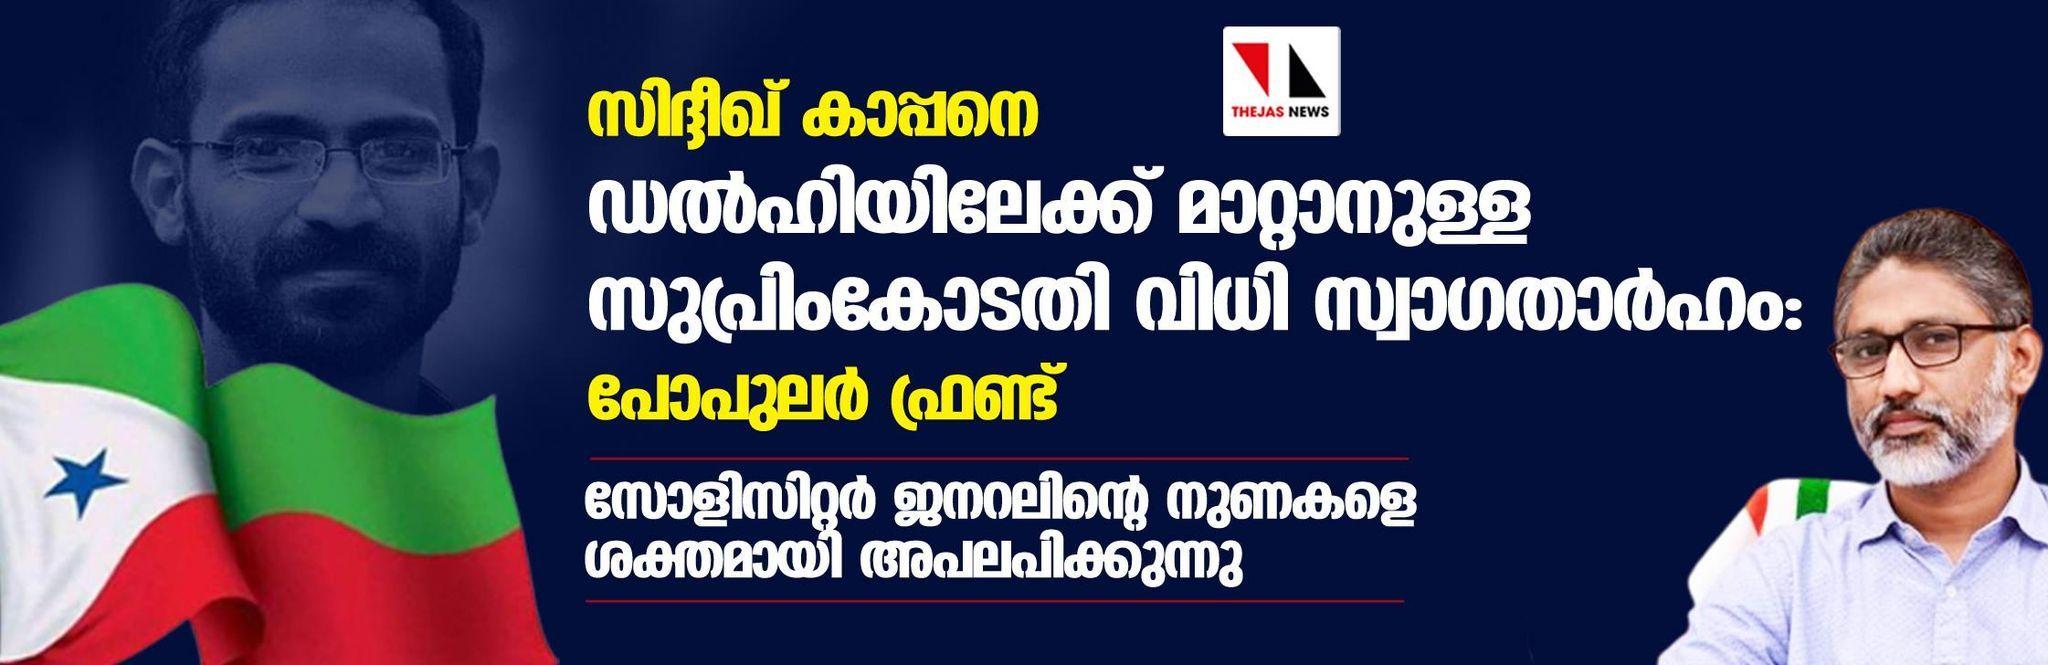 സിദ്ദീഖ് കാപ്പനെ ഡല്ഹിയിലേക്ക് മാറ്റാനുള്ള സുപ്രിംകോടതി വിധി സ്വാഗതാര്ഹം: പോപുലര് ഫ്രണ്ട്